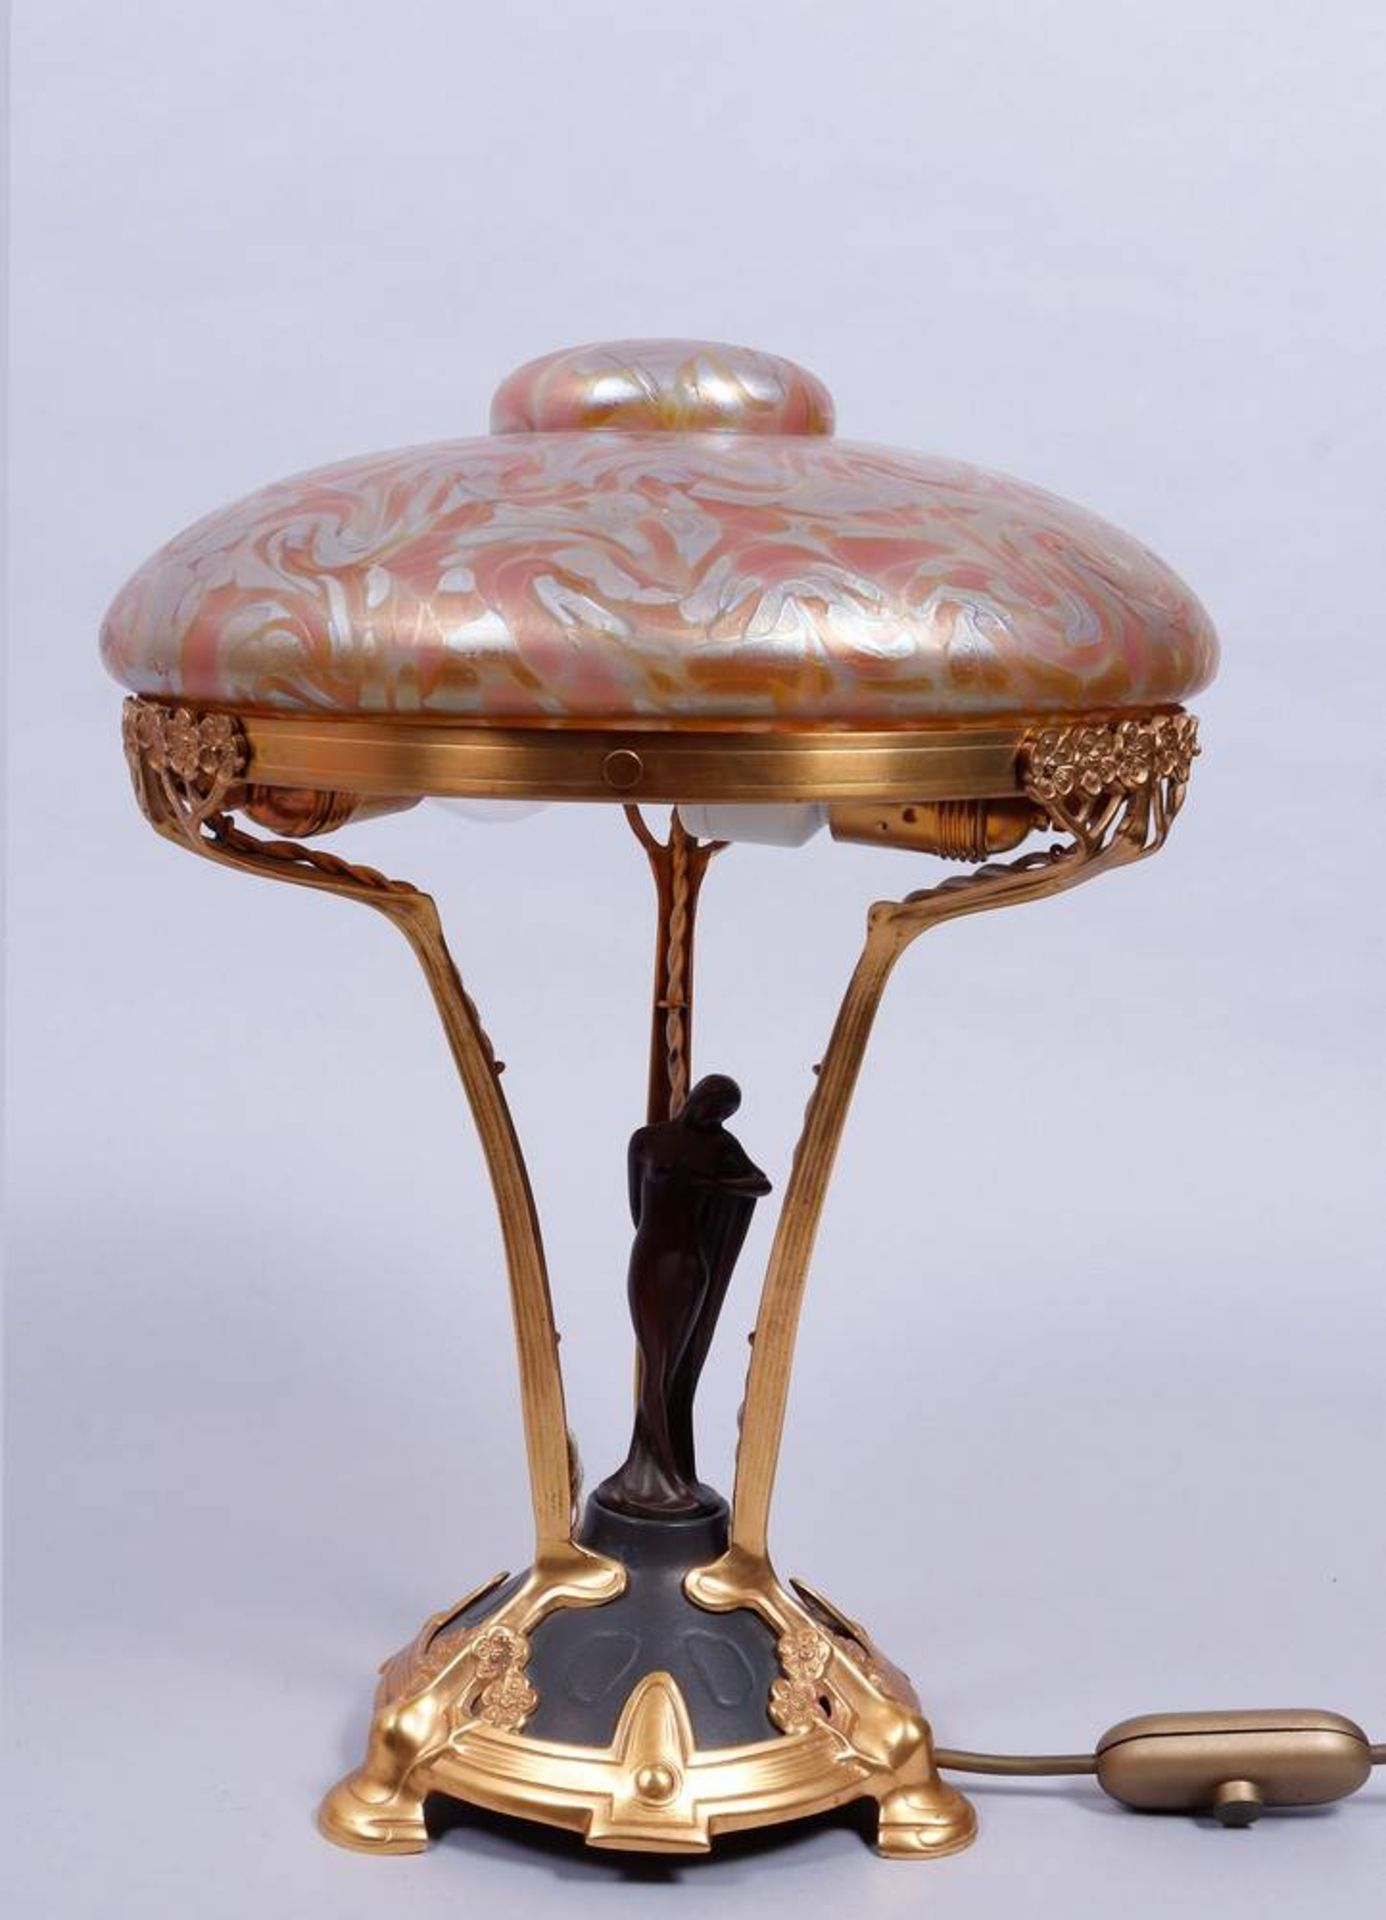 Art Nouveau table lamp, probably Loetz, 1st half 20th C.